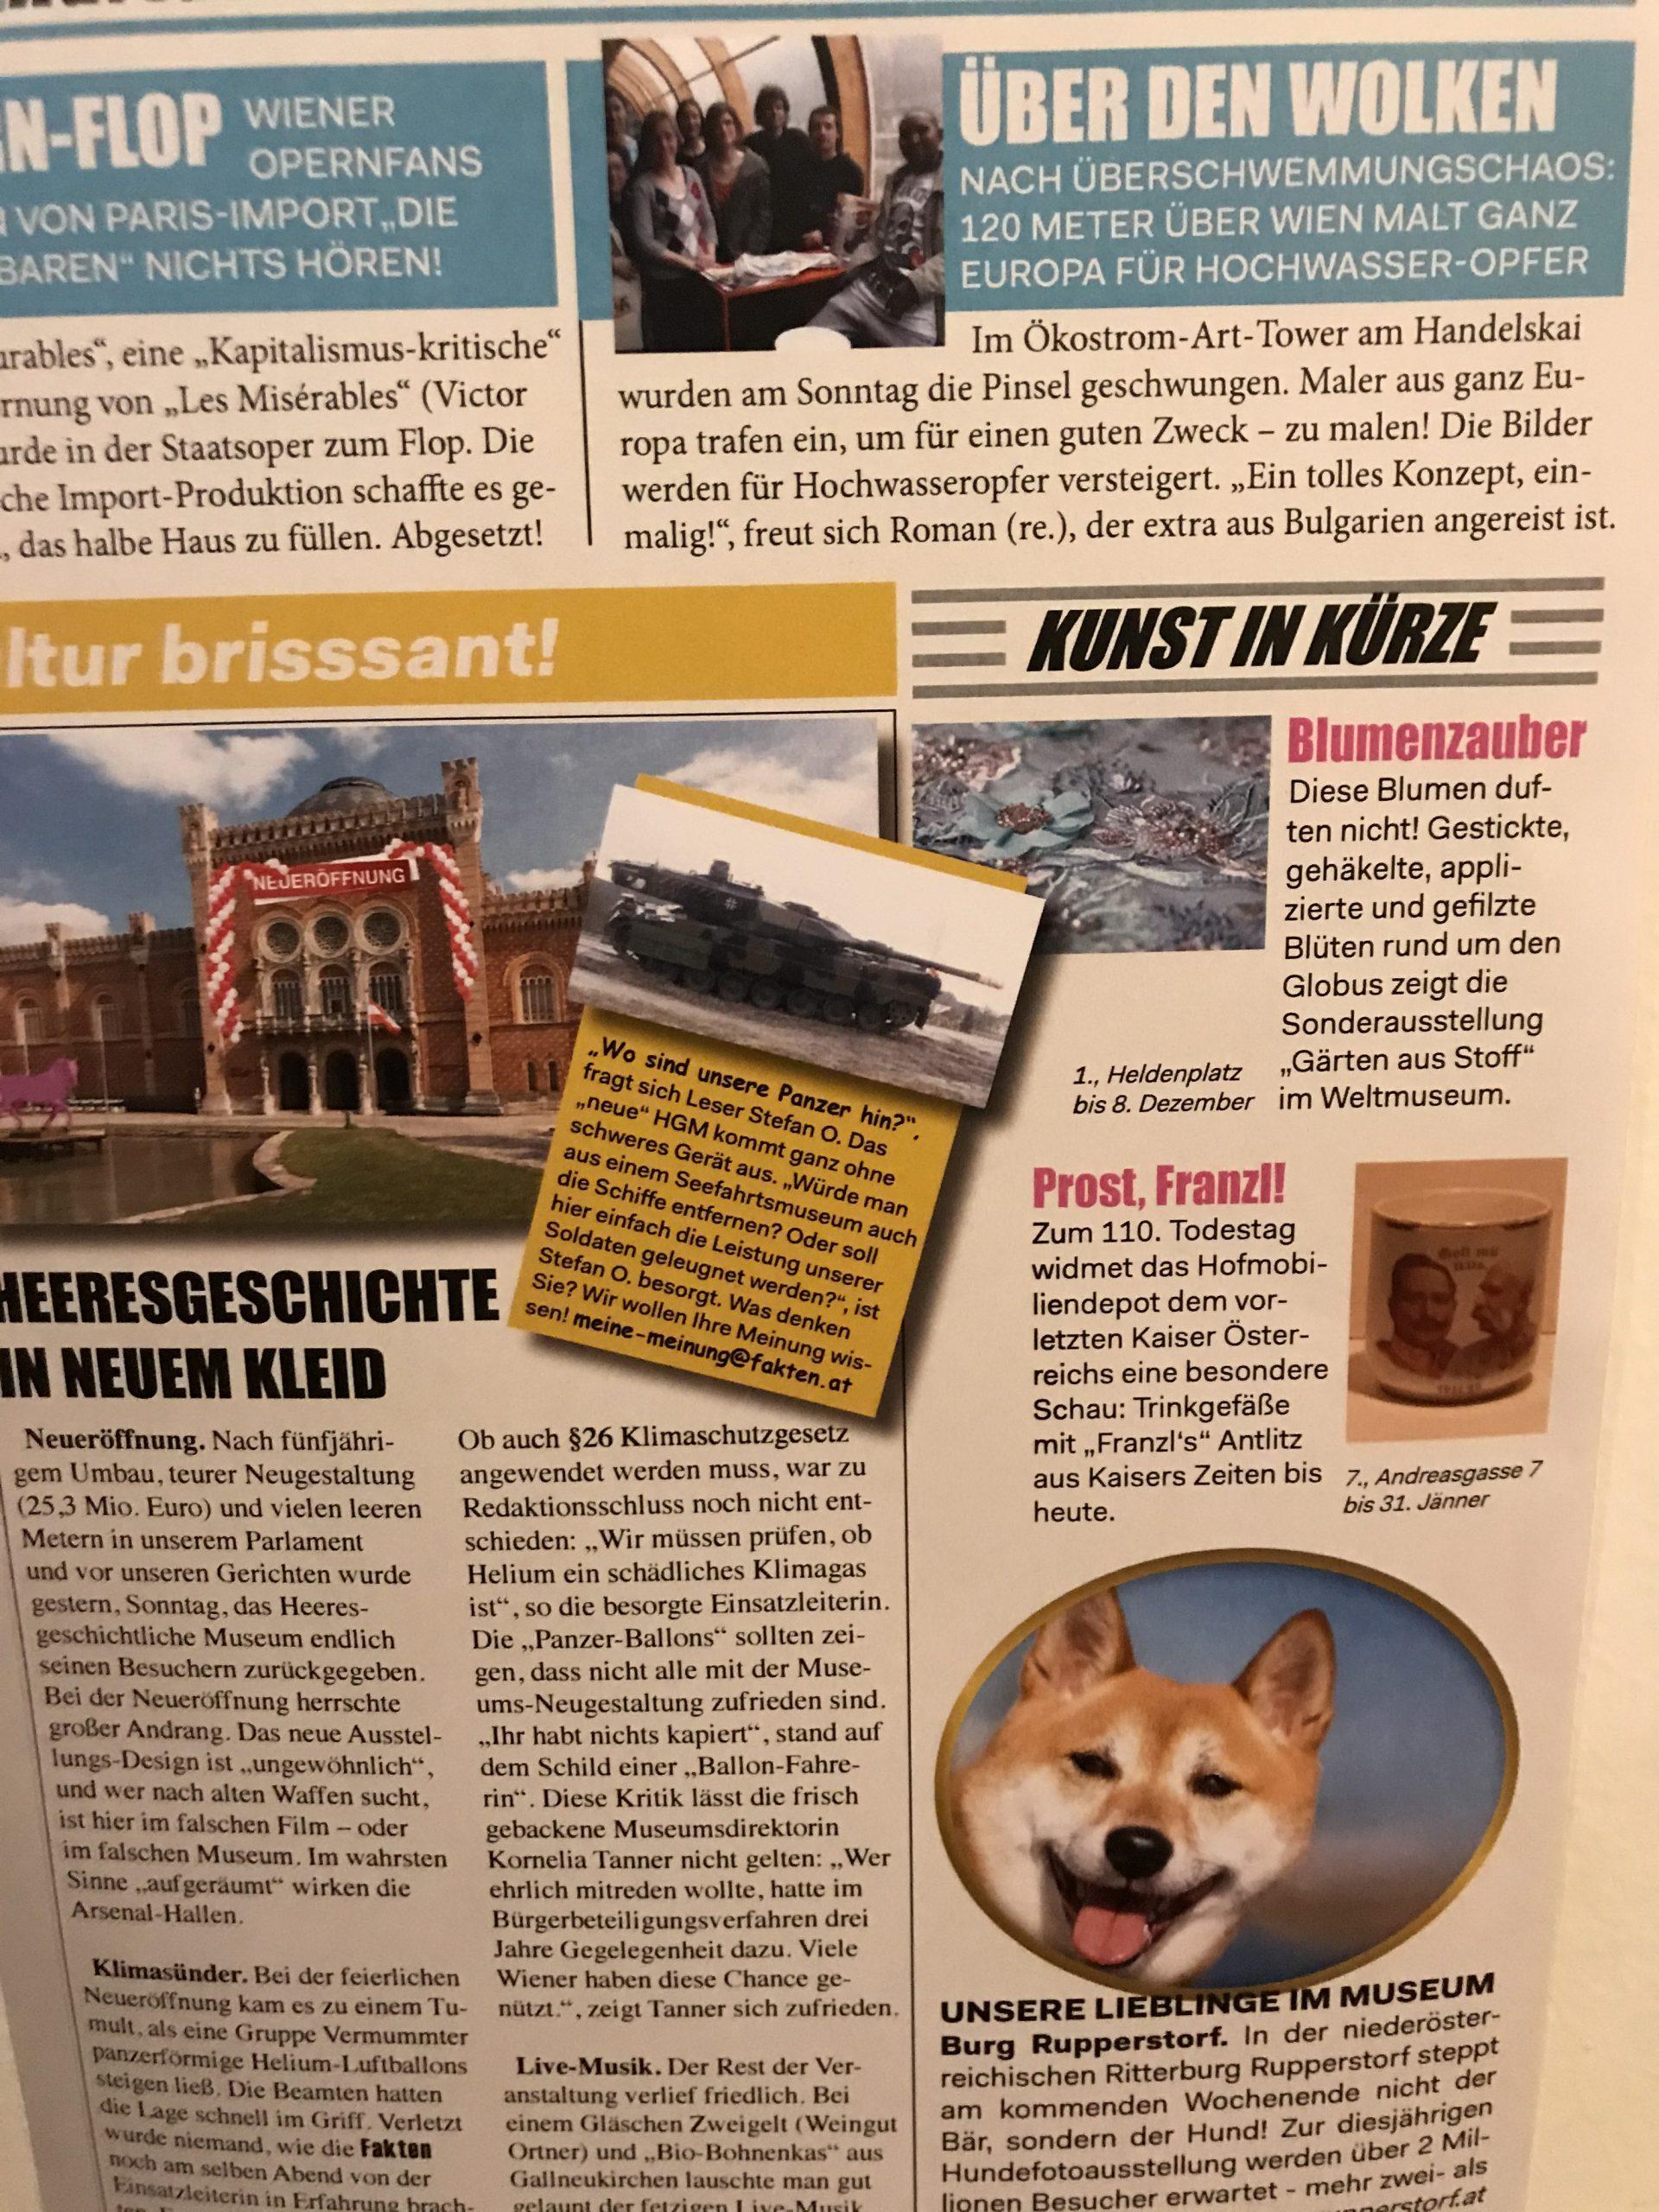 Objekt Ausstellung #HGMneudenken: fiktive Zeitung